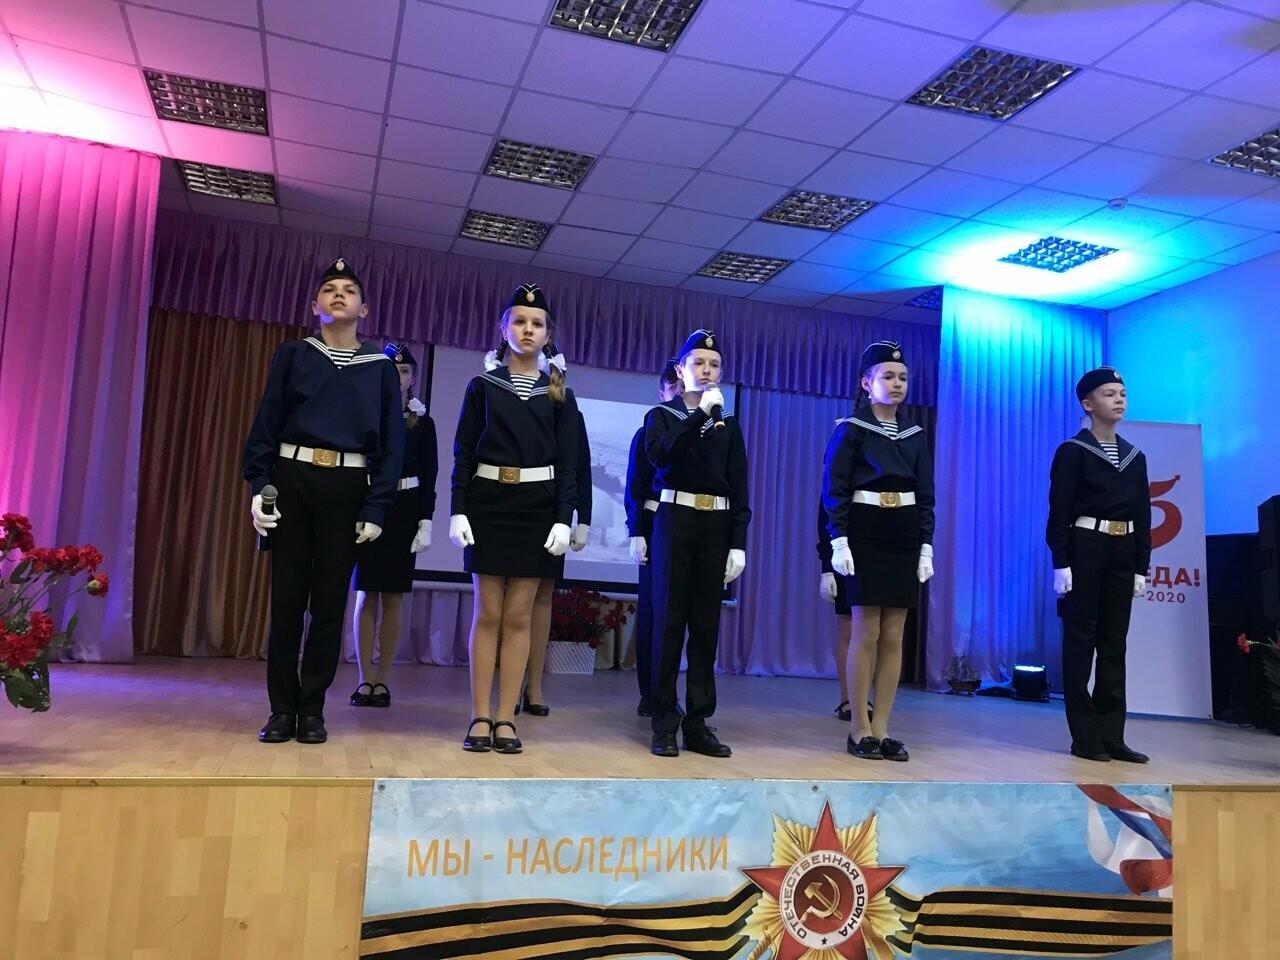 В Ялте подвели итоги муниципального этапа творческого конкурса «Мы - наследники Победы!», фото-3